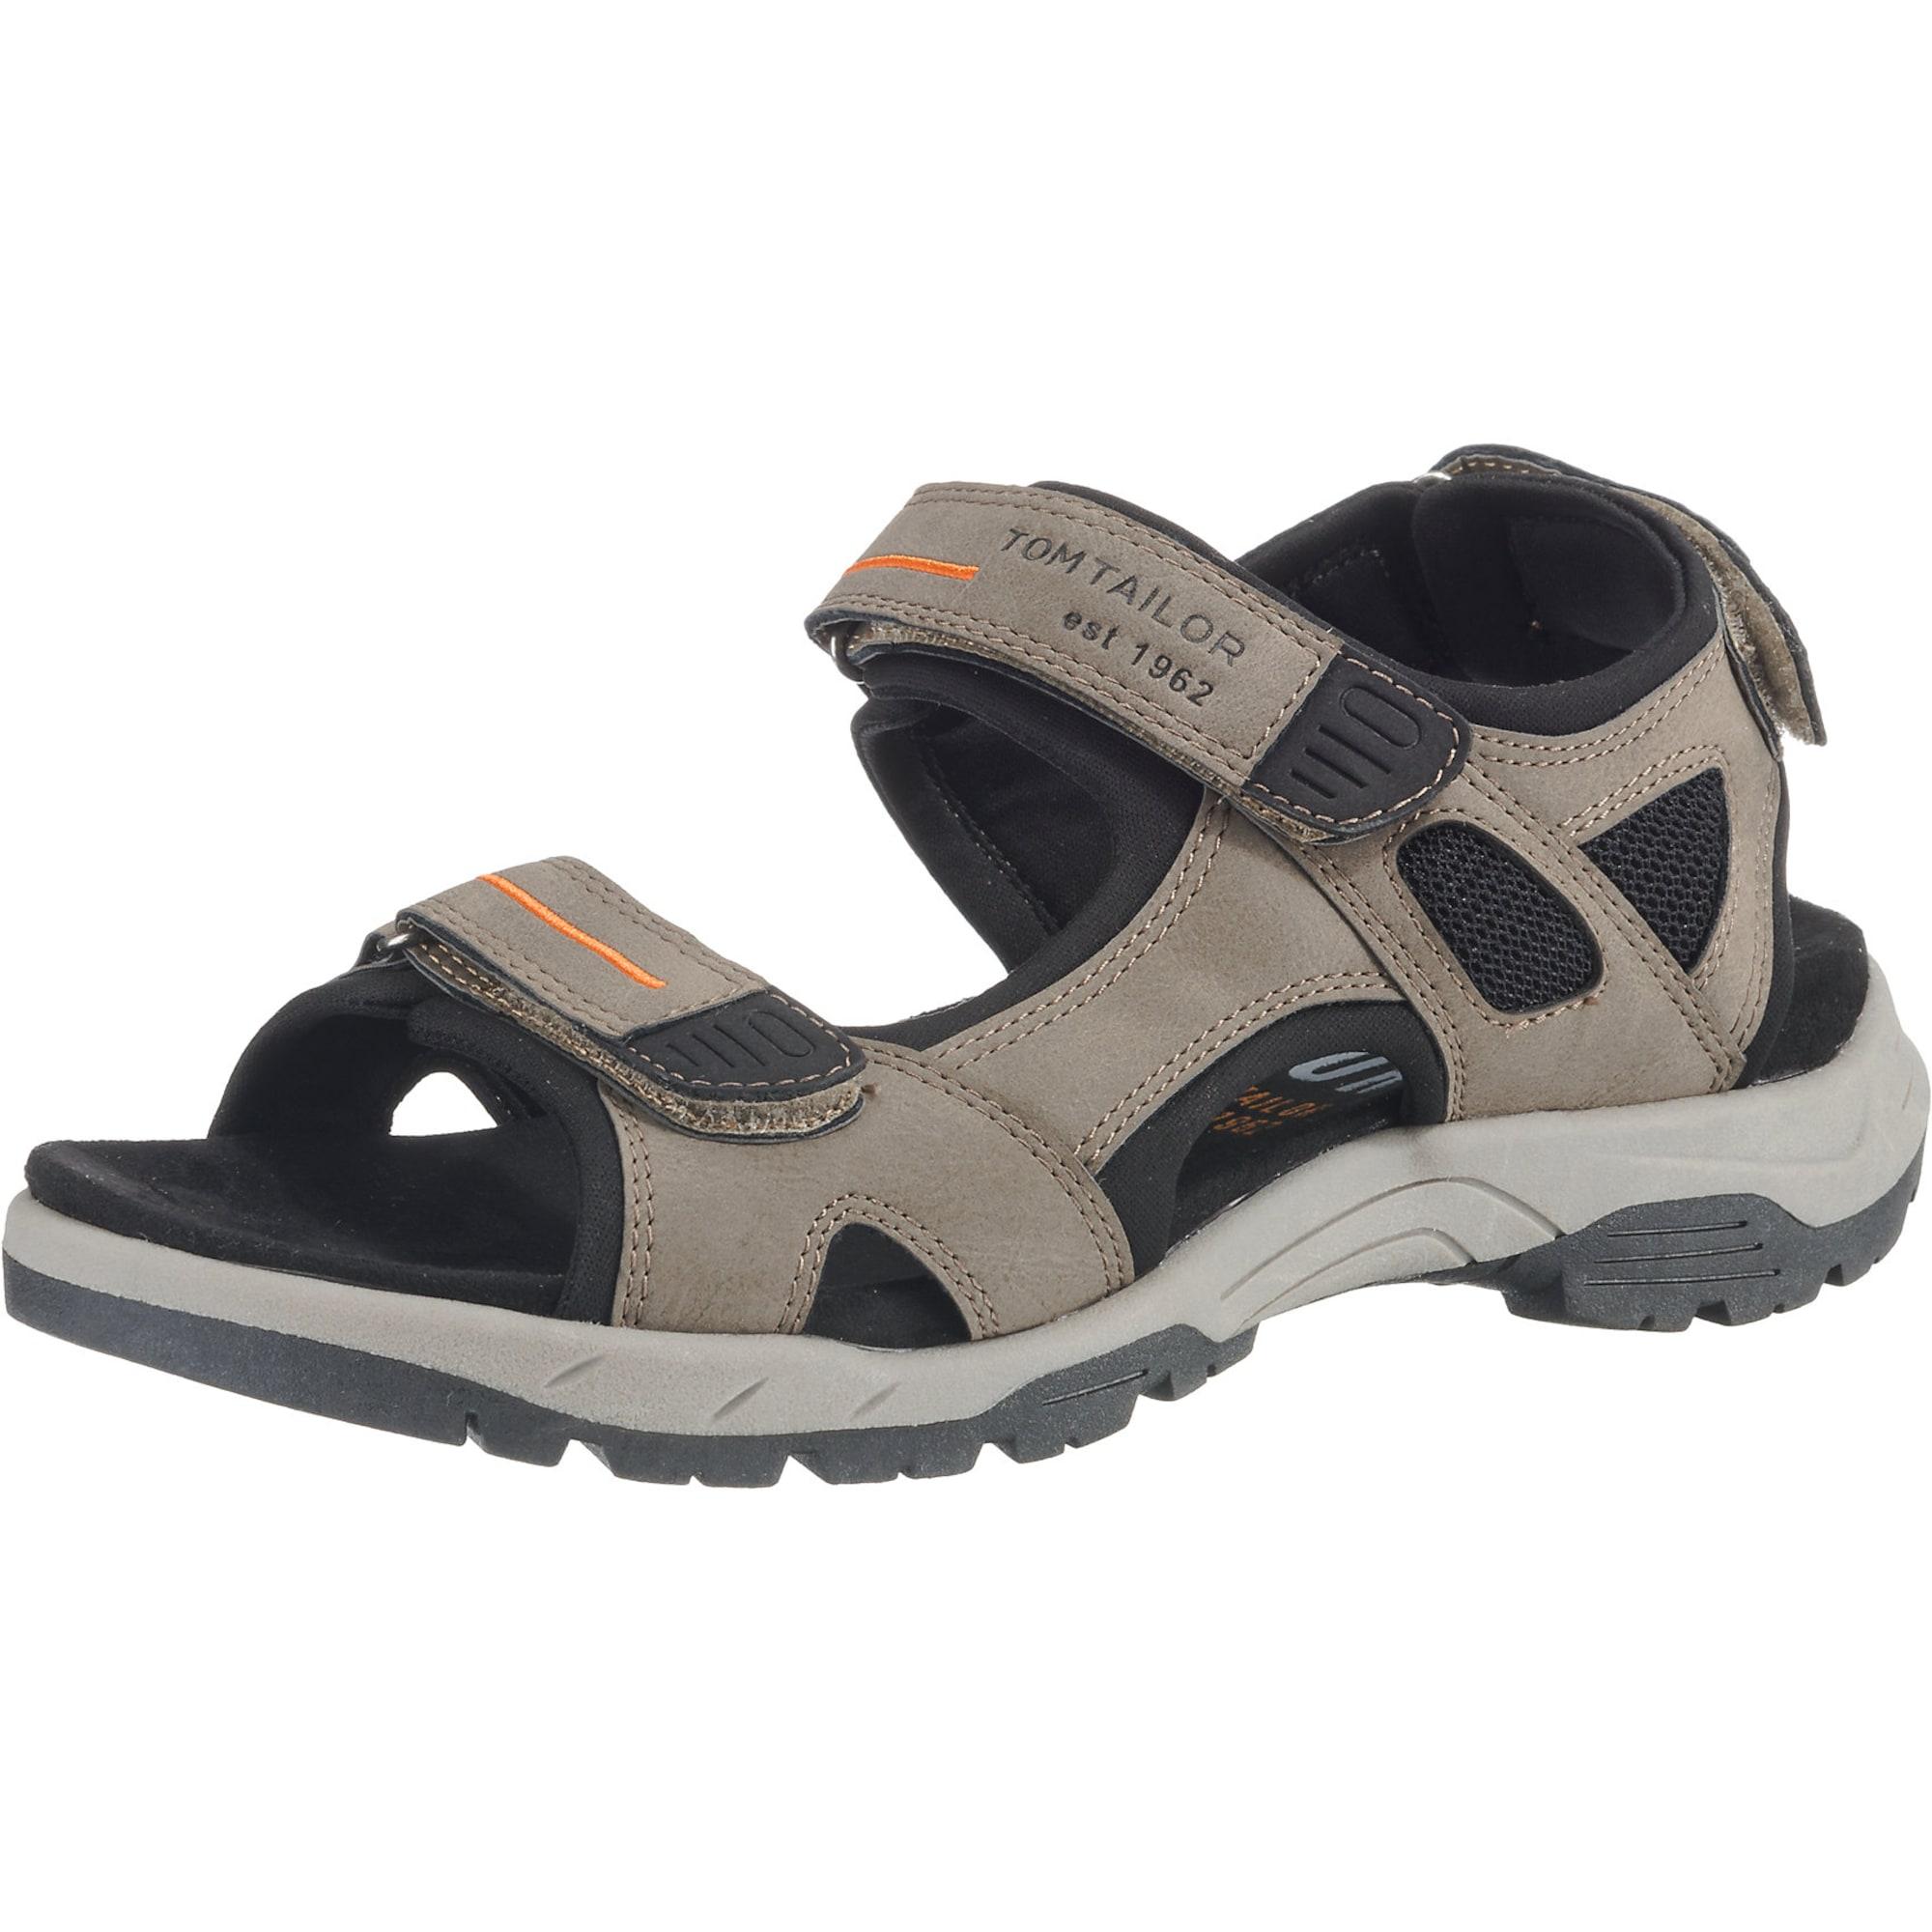 Trekingové sandály barvy bláta černá TOM TAILOR